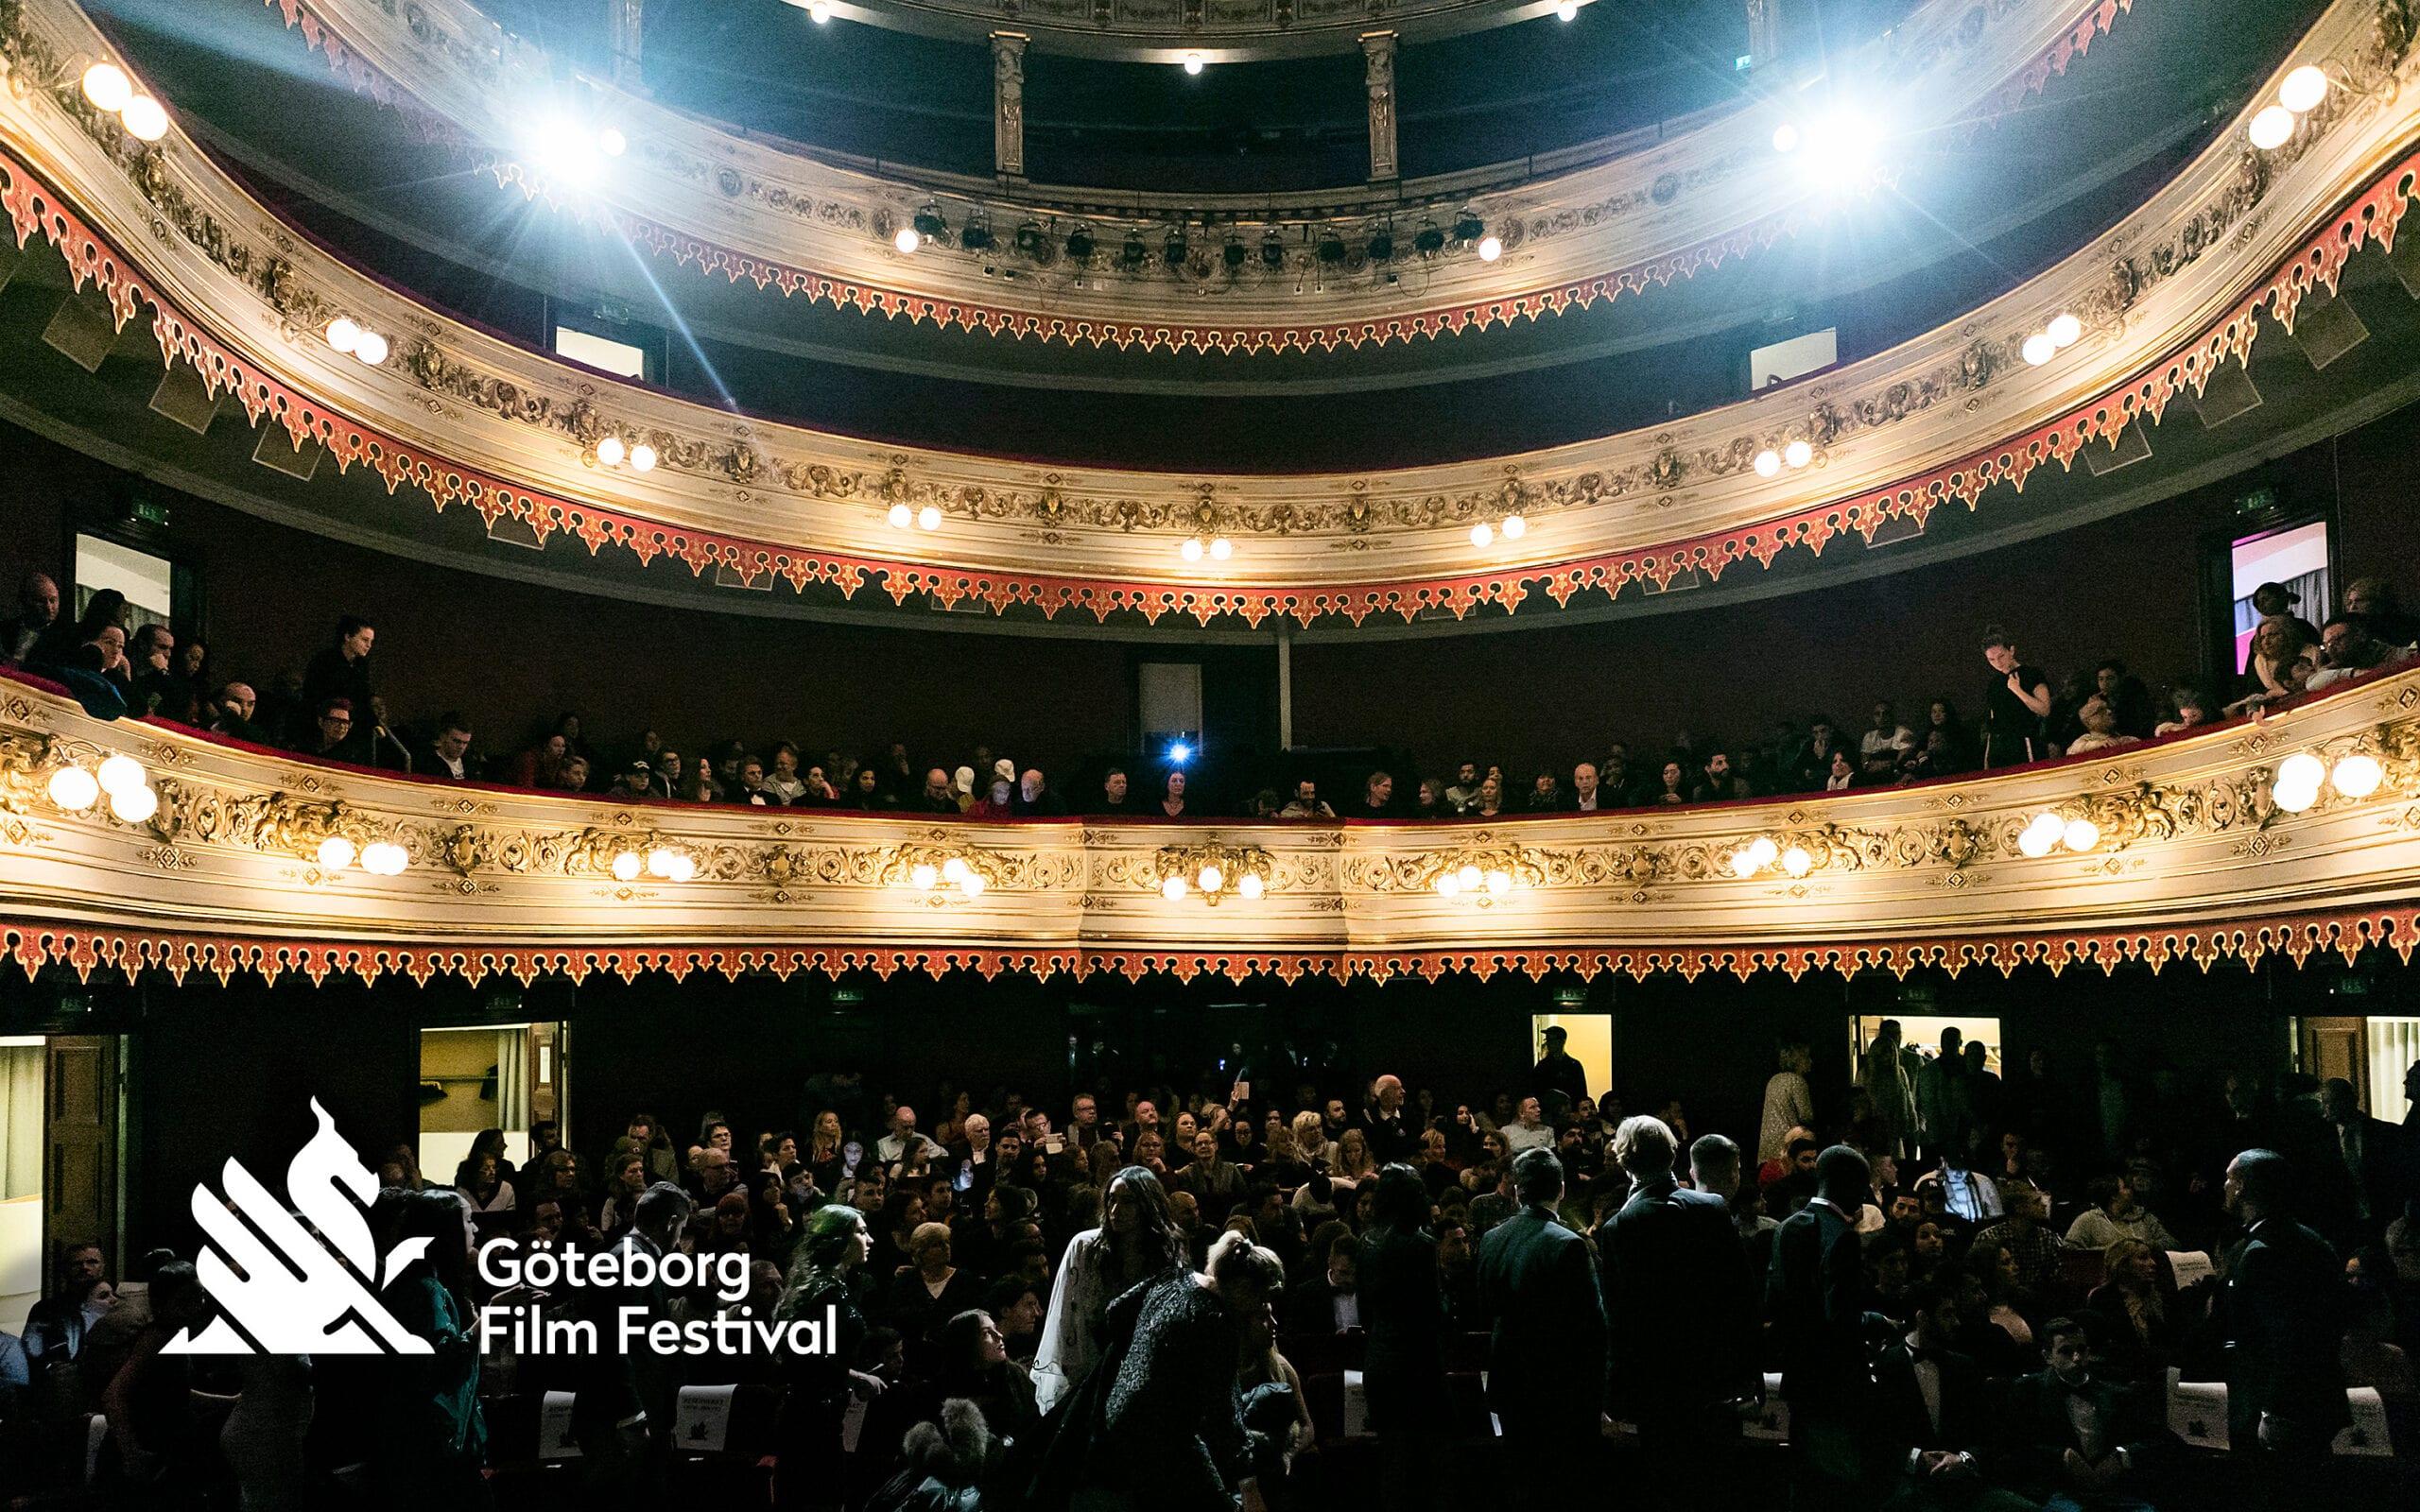 Стеллан Скарсгард получил почетную награду на кинофестивале в Гетеборге